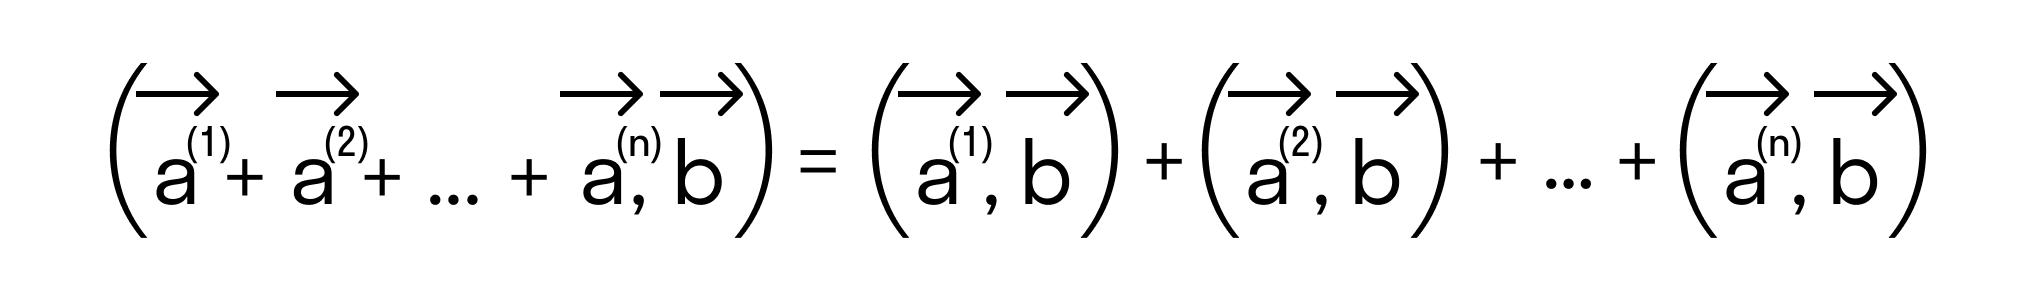 свойство дистрибутивности скалярного произведения справедливо для любого числа слагаемых